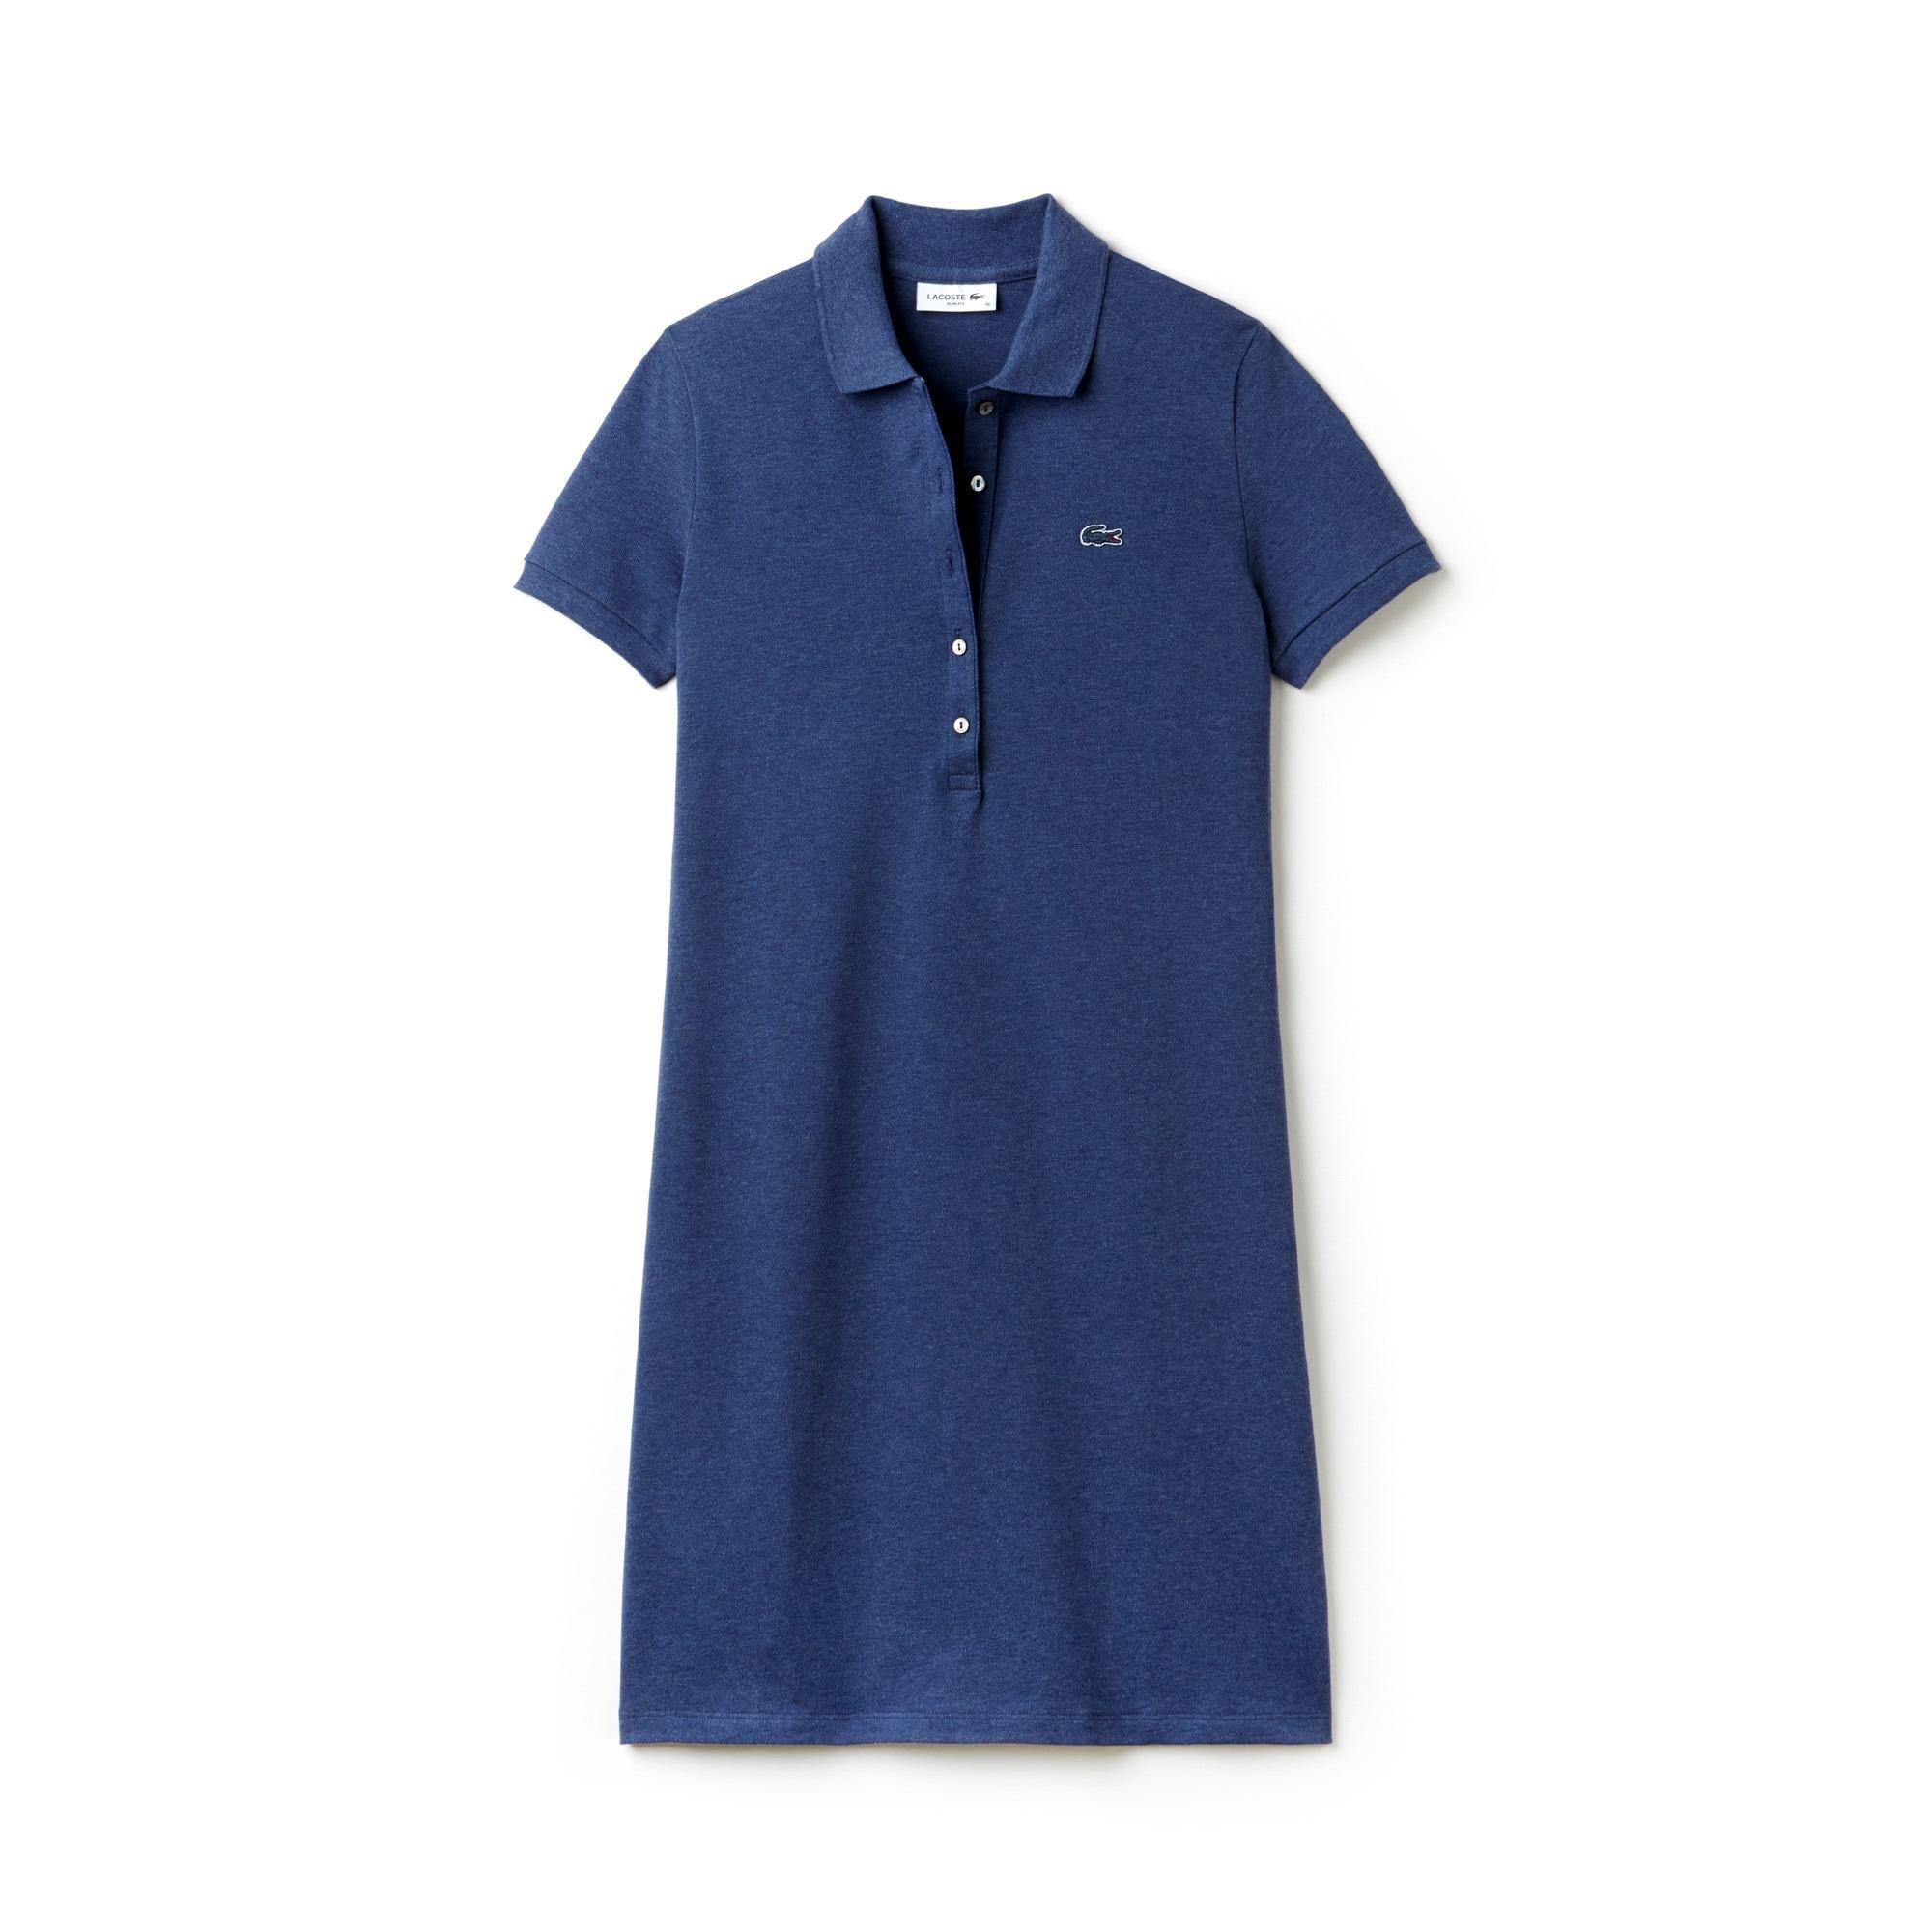 فستان بولو نسائي من ميني بيكيه قطنيّ مطّاطي